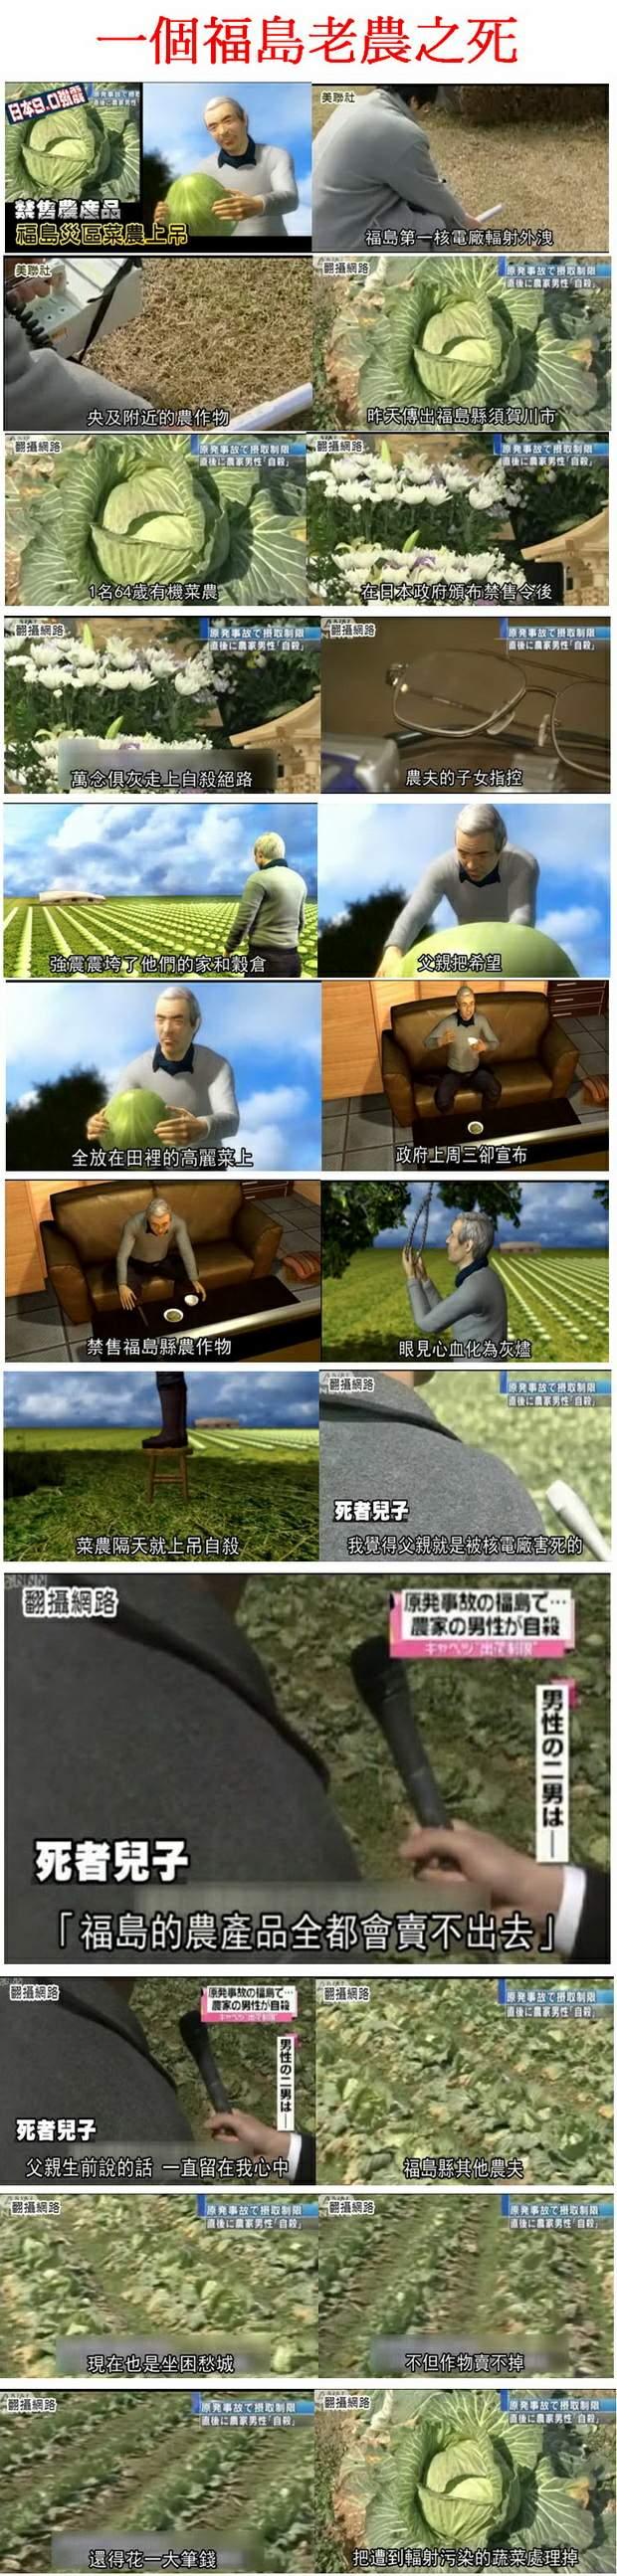 禁售令 災區農夫上吊-2011.03.30-02.jpg